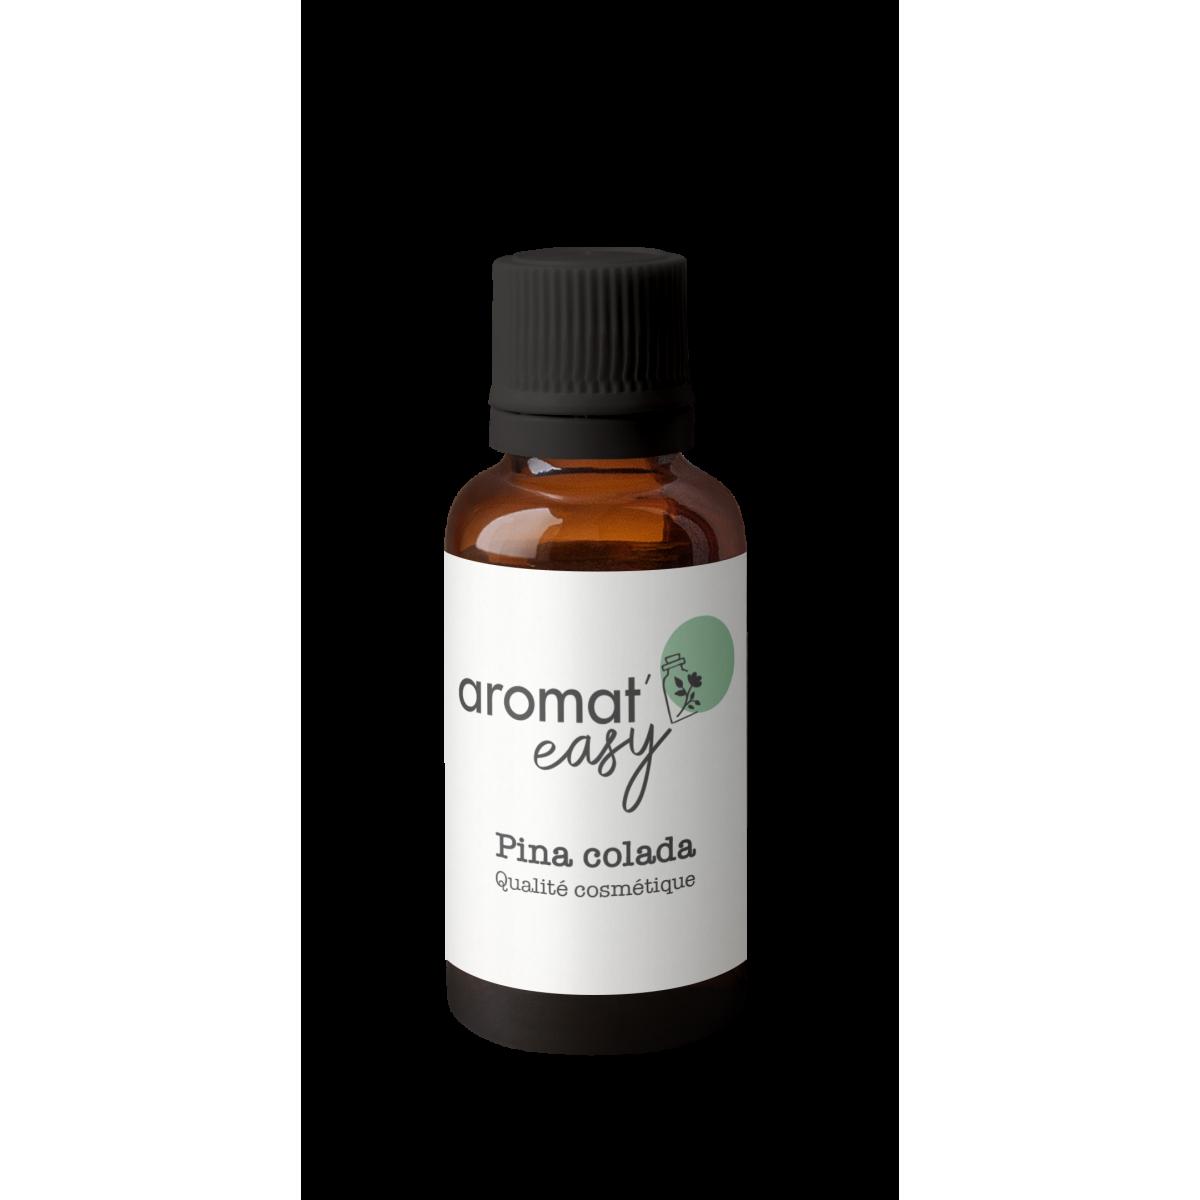 Fragrance Pina colada